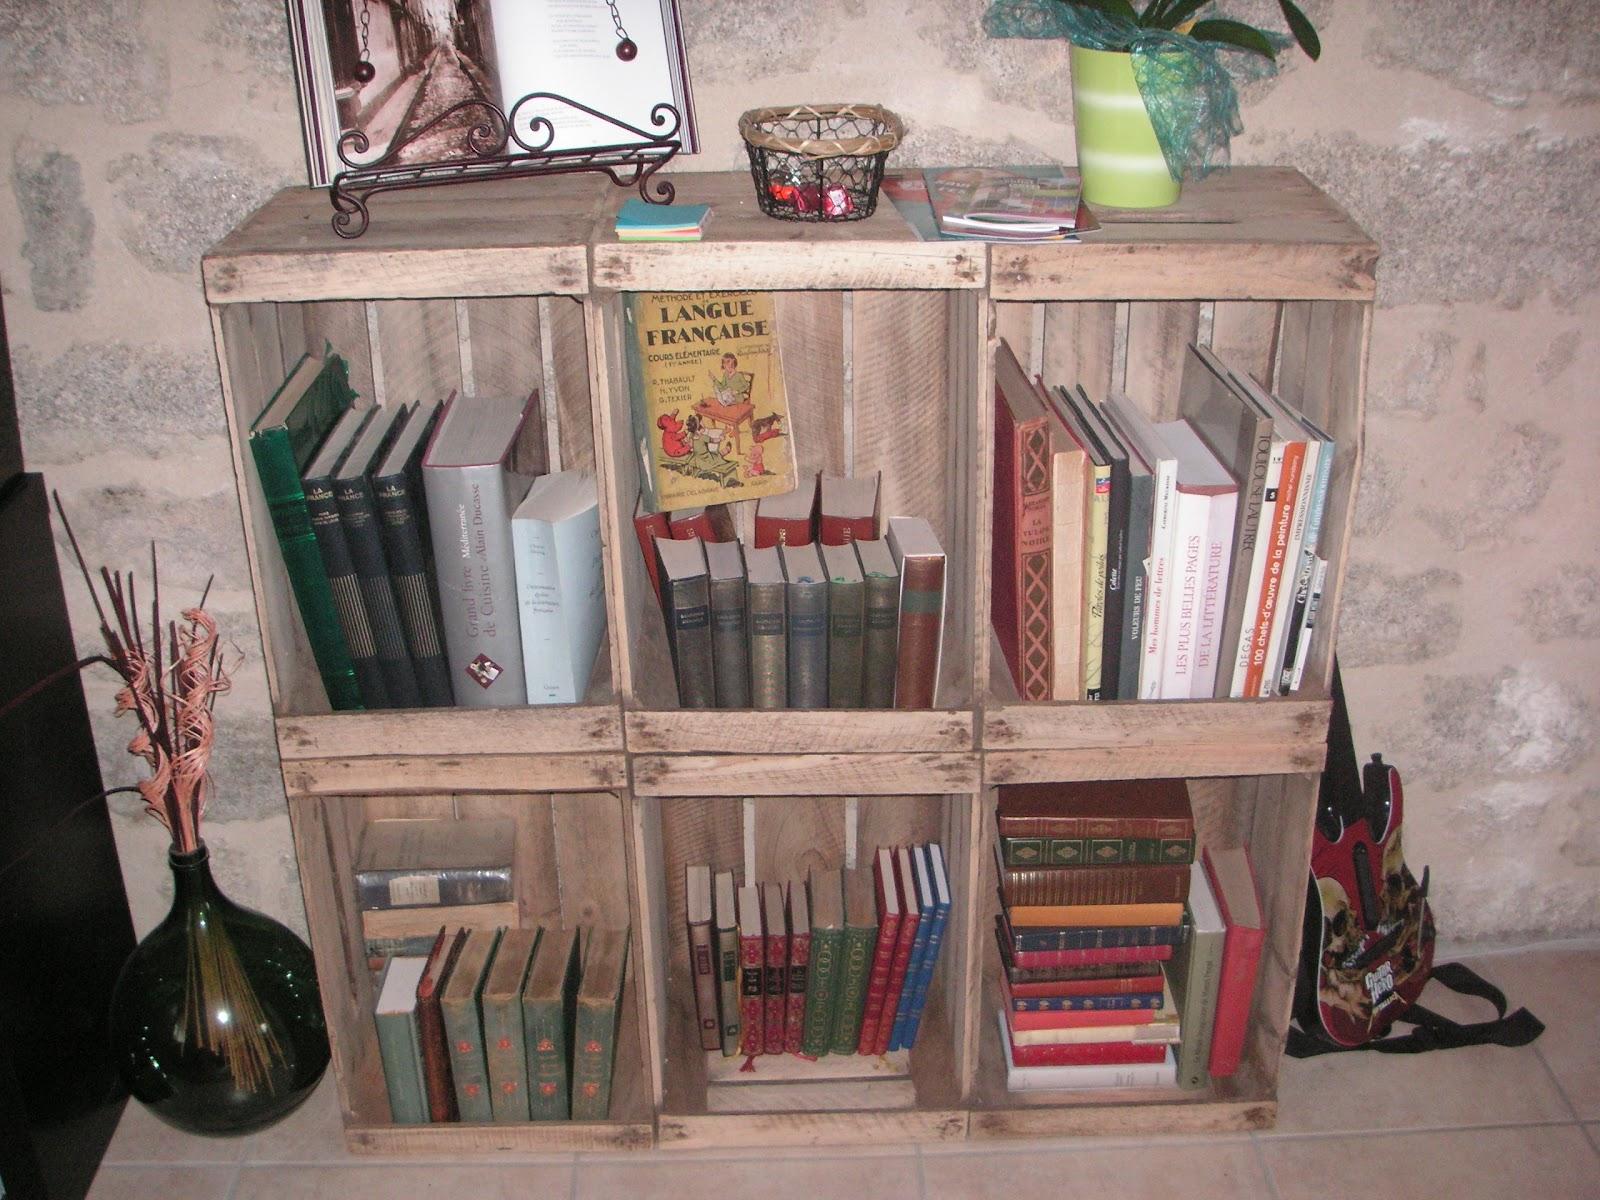 construire retaper caisses de pommes pom pom pom. Black Bedroom Furniture Sets. Home Design Ideas